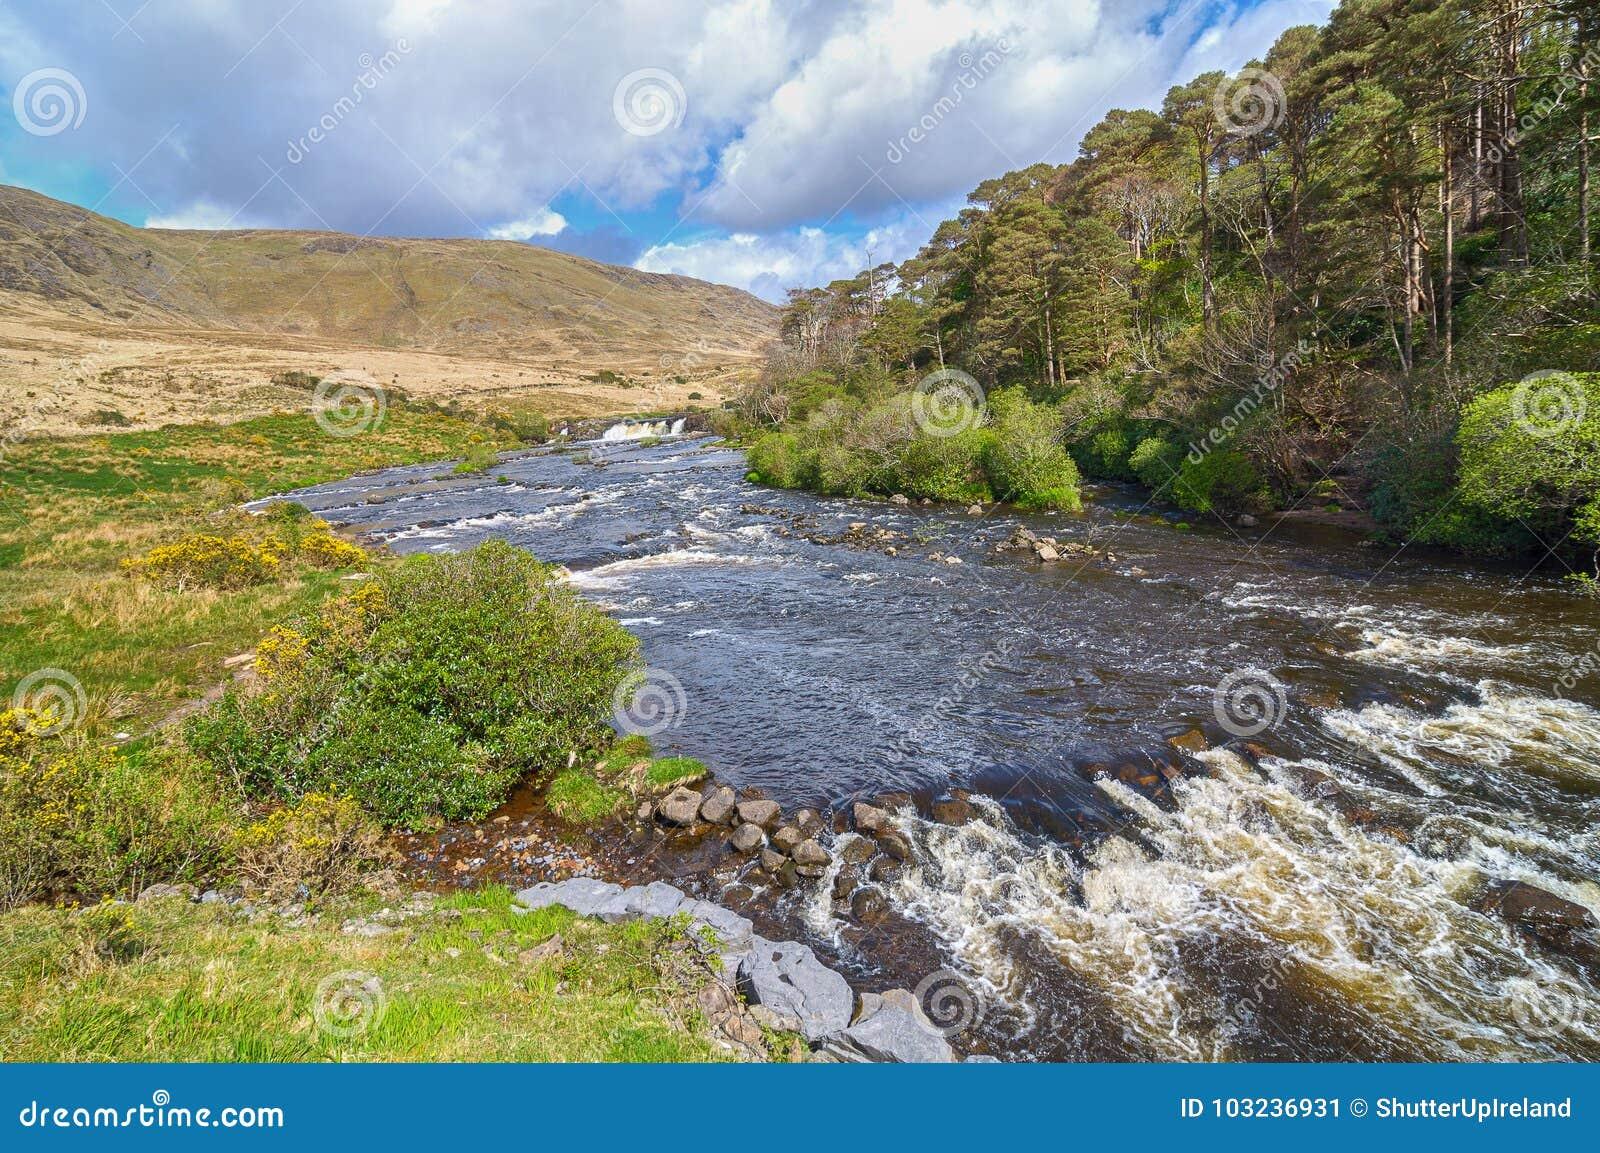 Campagna rurale irlandese epica dalla contea Galway lungo la strada atlantica selvaggia